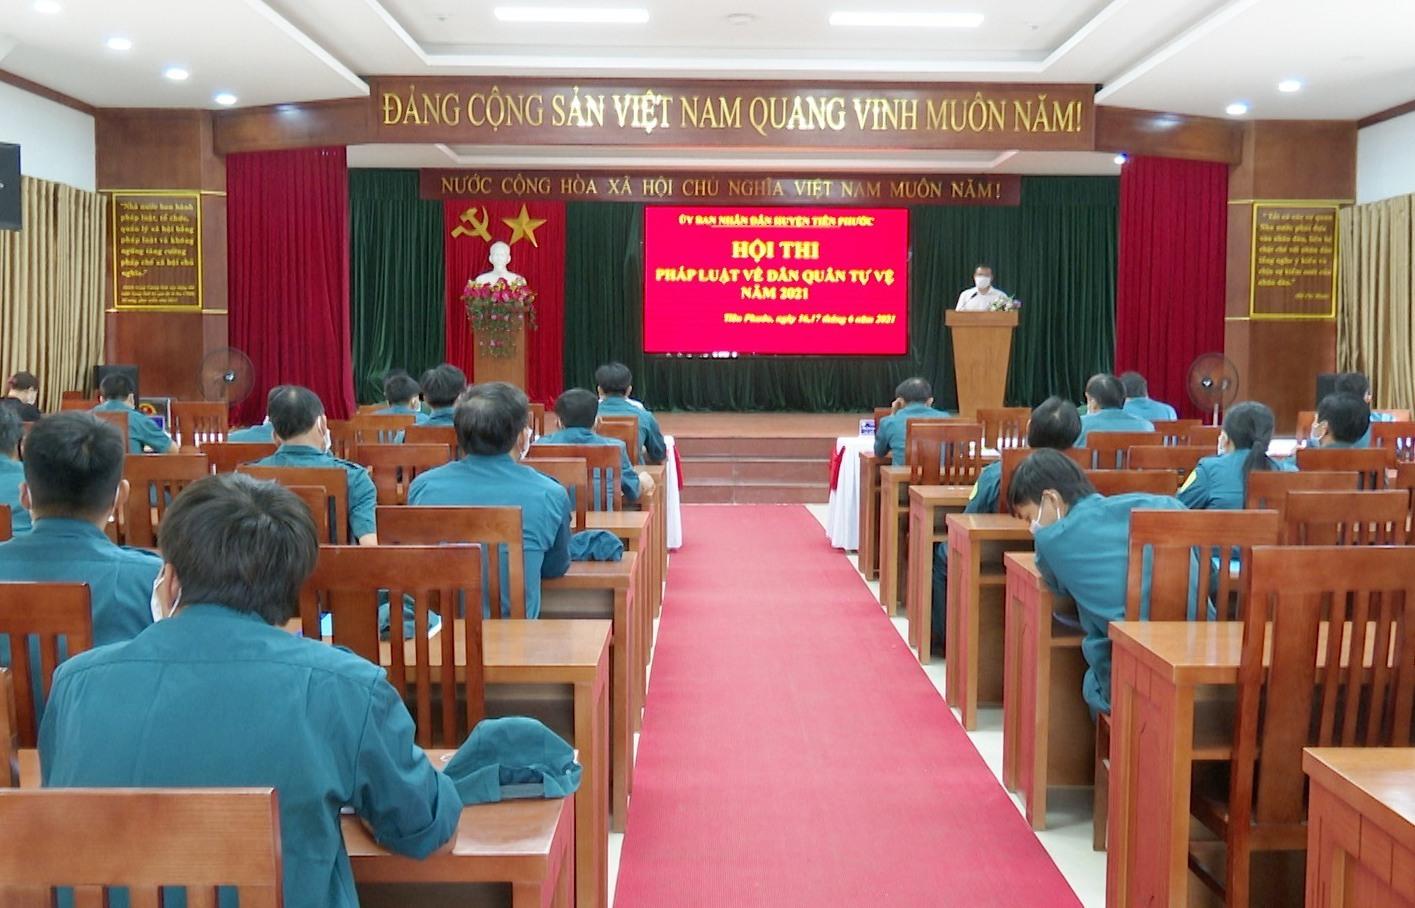 Tiên Phước tổ chức hội thi pháp luật về Dân quân tự vệ năm 2021